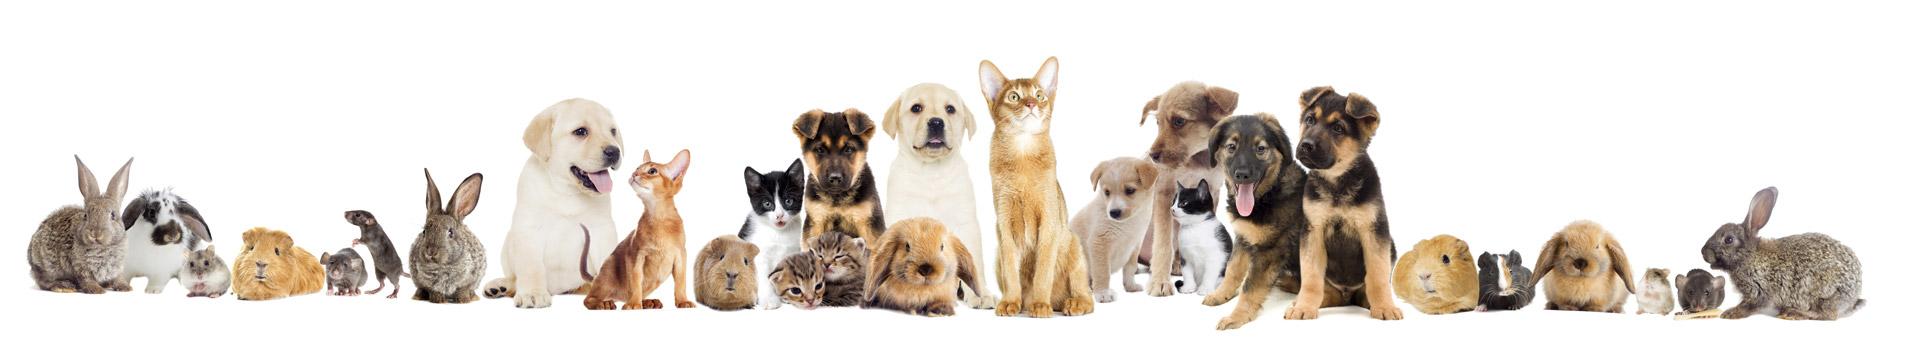 La société S.A.D (Services Animaux Domestiques), située près de Montpellier dans l'Hérault, est spécialisée en incinération d'animaux de compagnie (chiens, chats…) en transport d'animaux domestiques et propose une pension pour chats